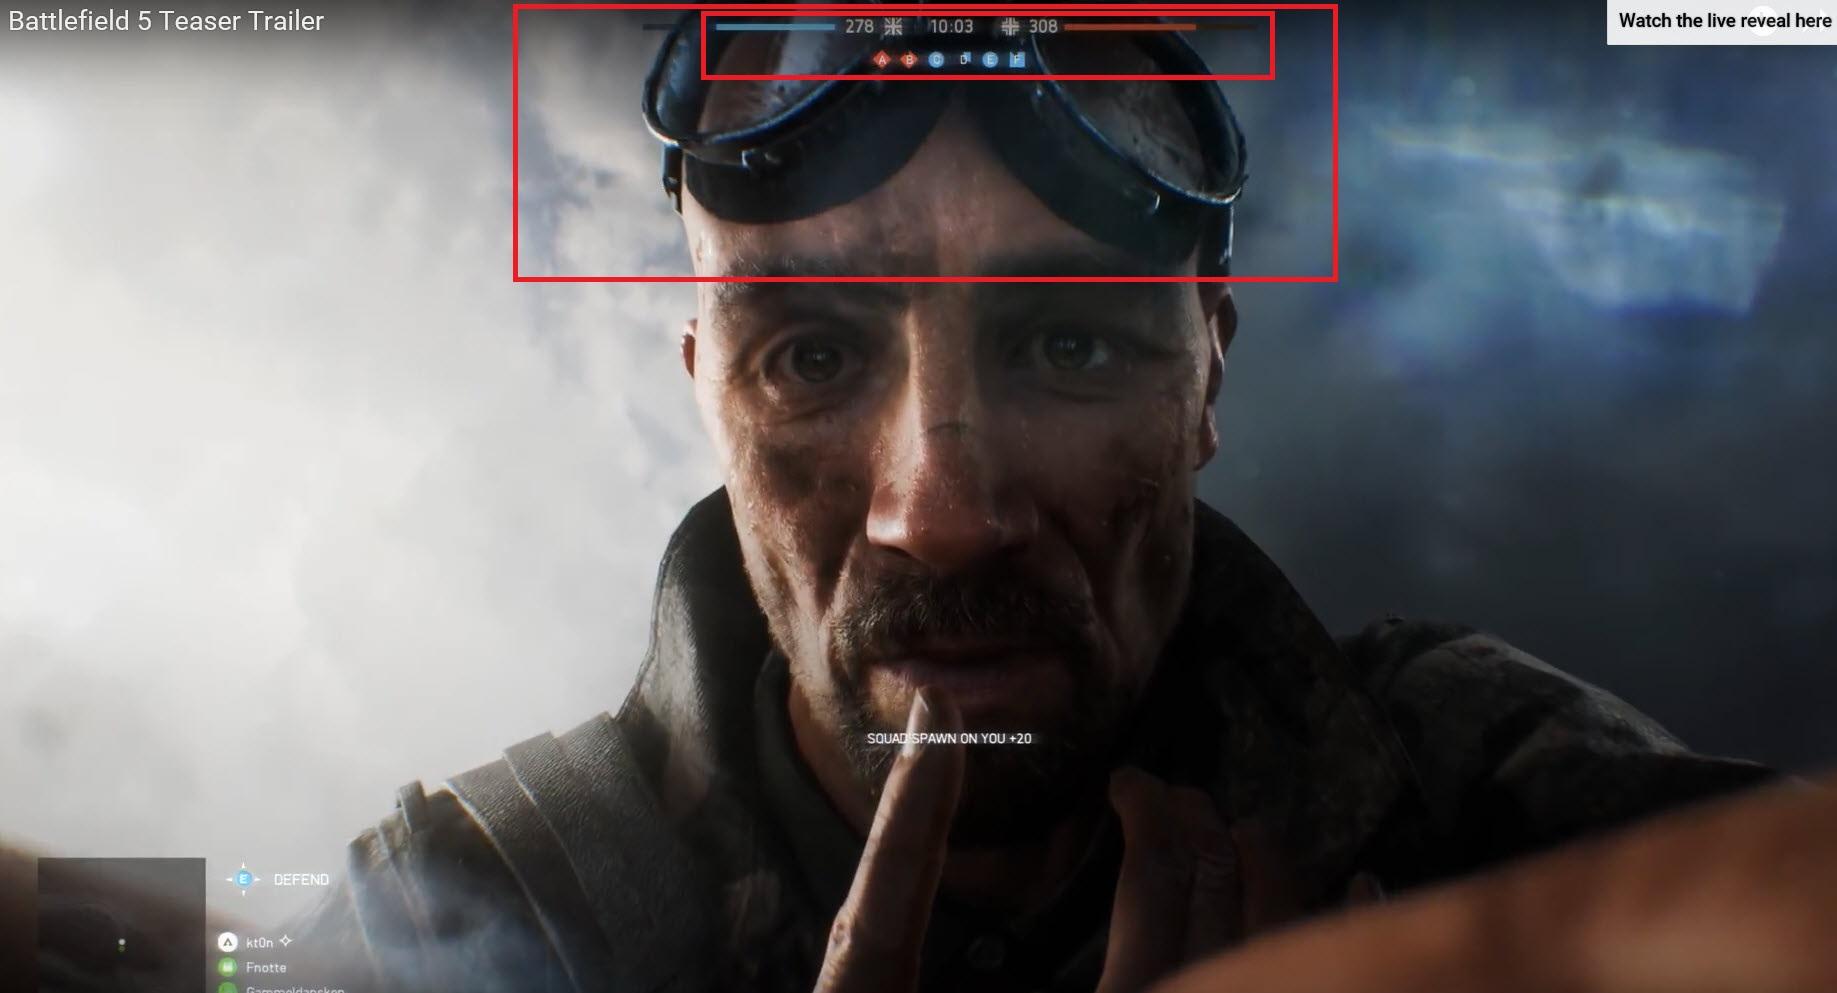 bf v สาวก Battlefield V อาจมีเงิบ!! เนื้อเรื่องอาจจะเป็นสงครามโลกครั้งที่ 2 Worldwar2